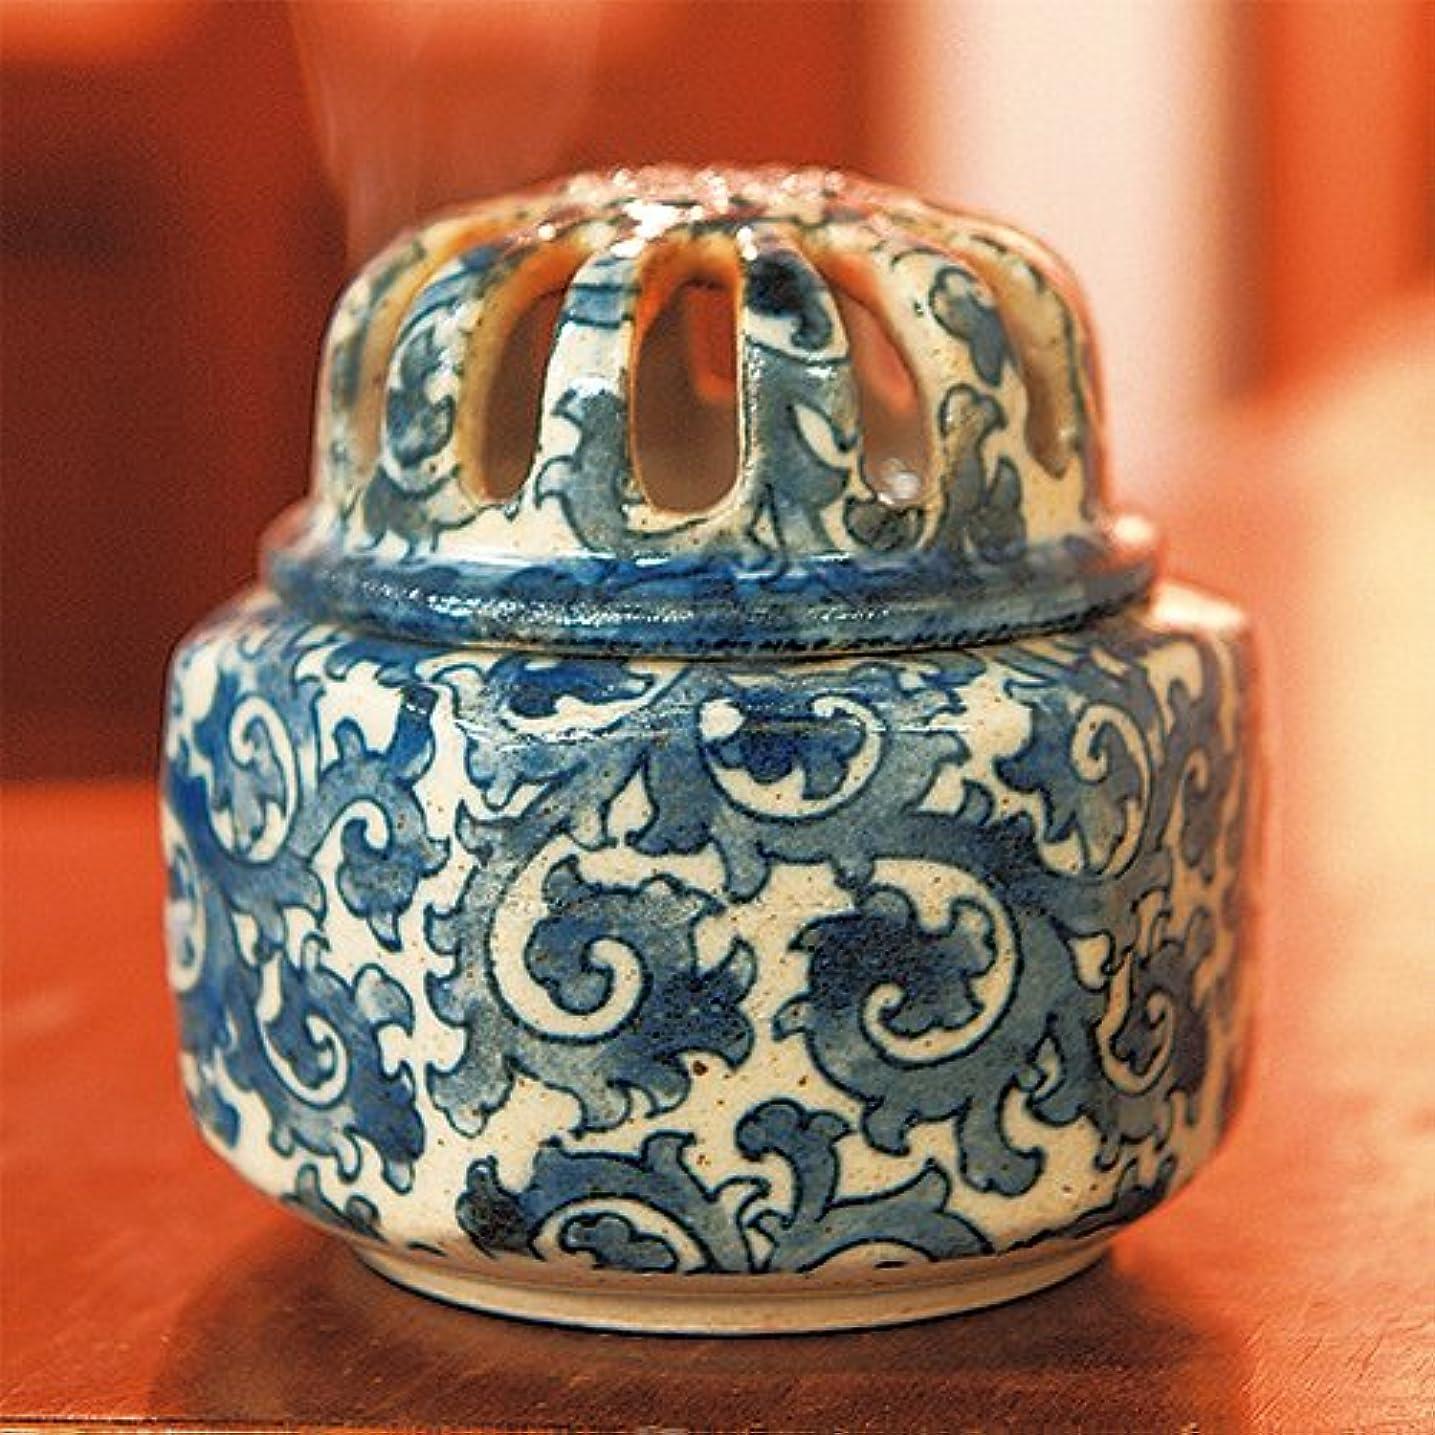 バーター時代きしむ香炉 土物 タコ唐草 福香炉 [R8.8xH8.7cm] プレゼント ギフト 和食器 かわいい インテリア